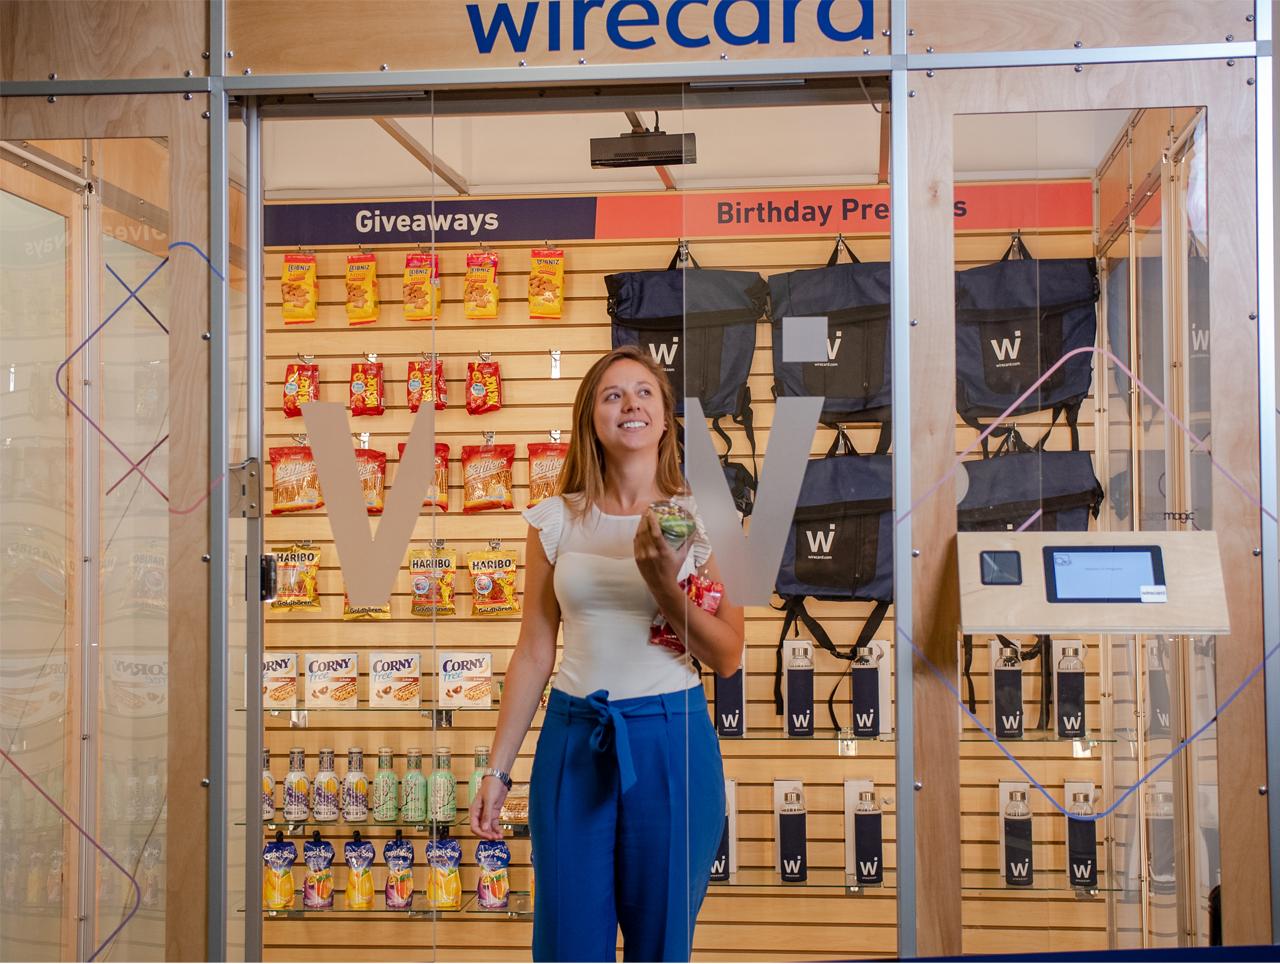 Die Zahlung wird beim Verlassen des Stores automatisch ausgelöst.